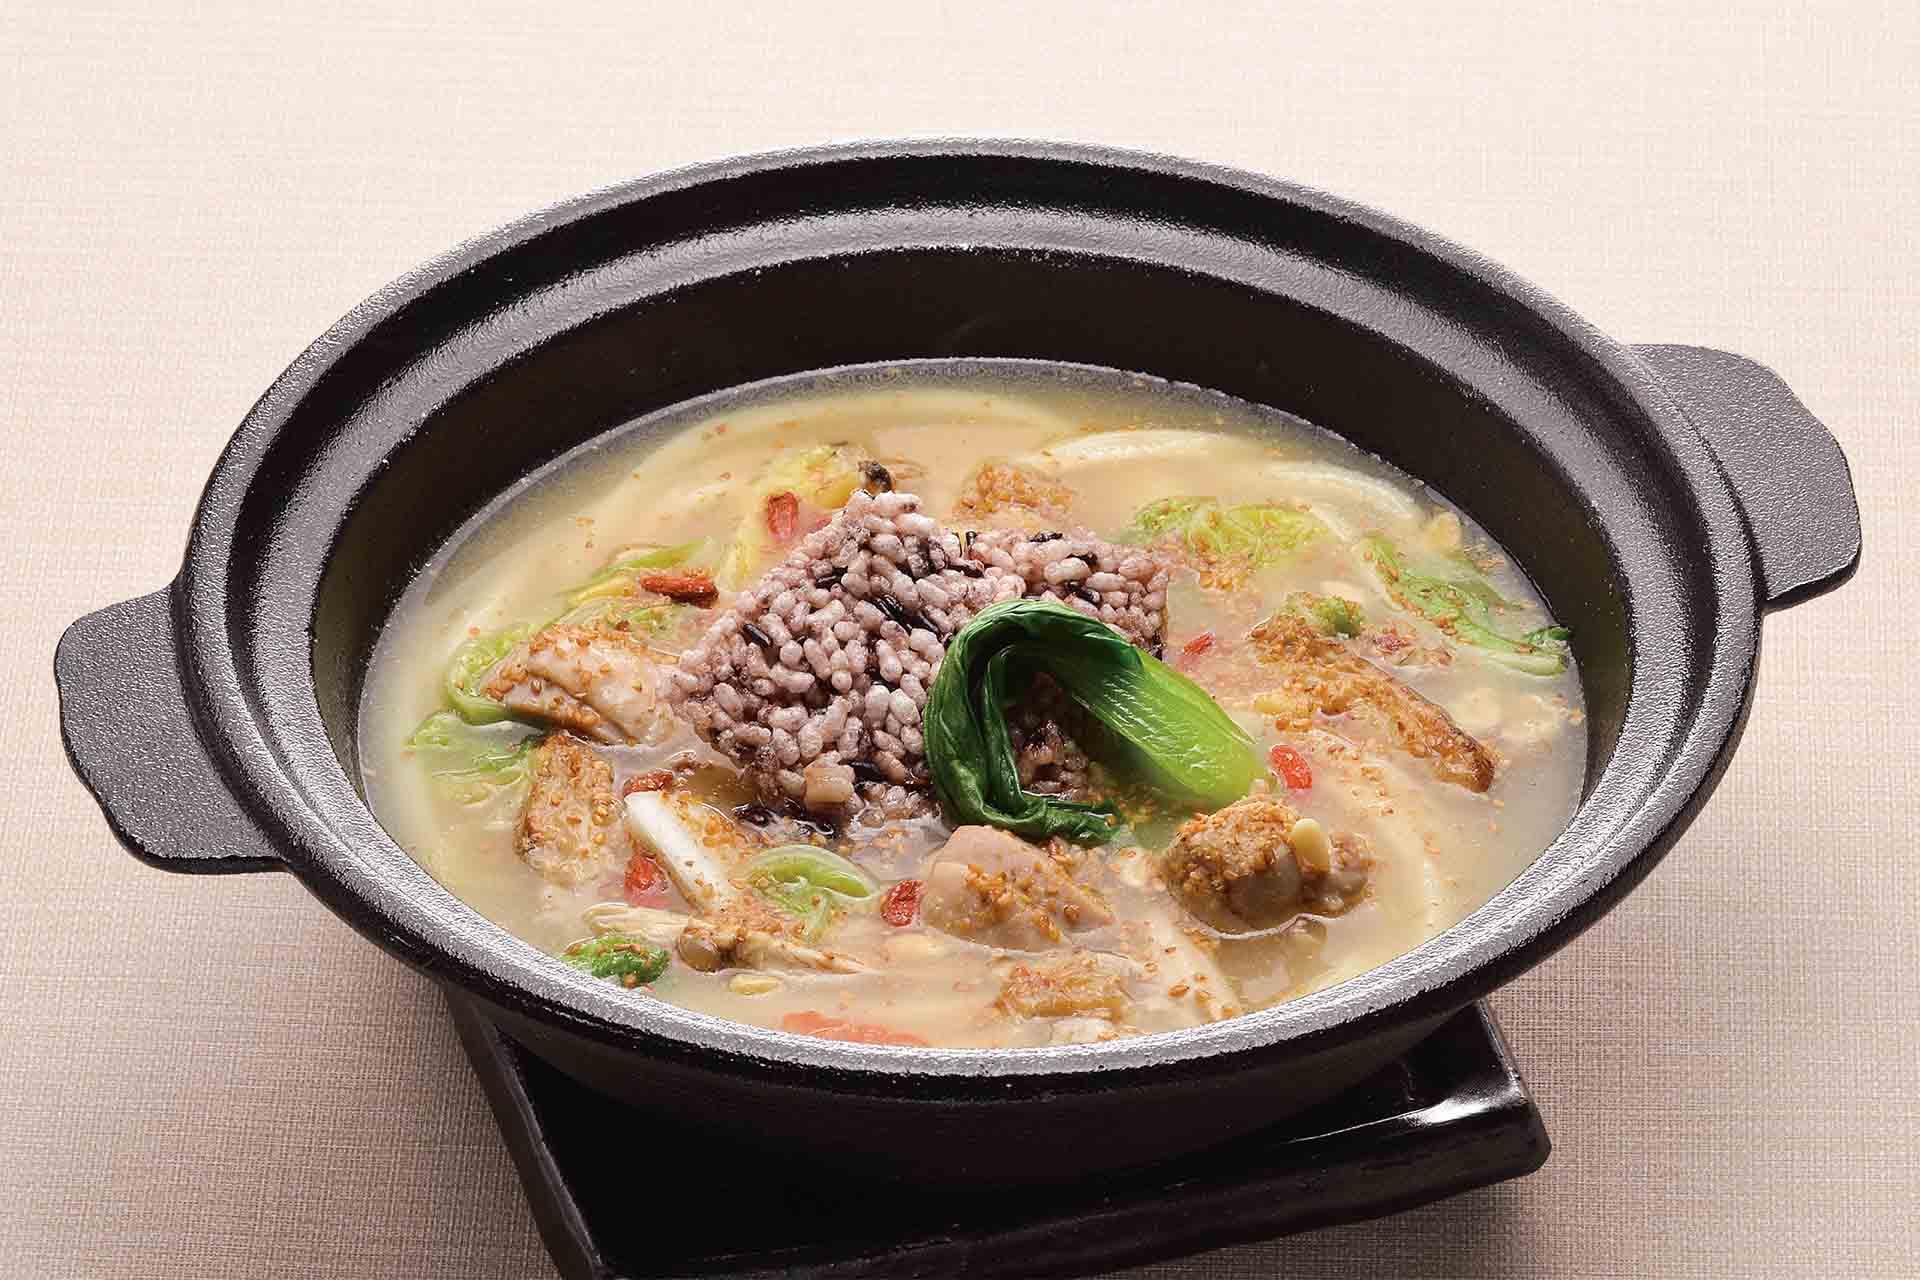 胡麻 鶏白湯スープのおうどん